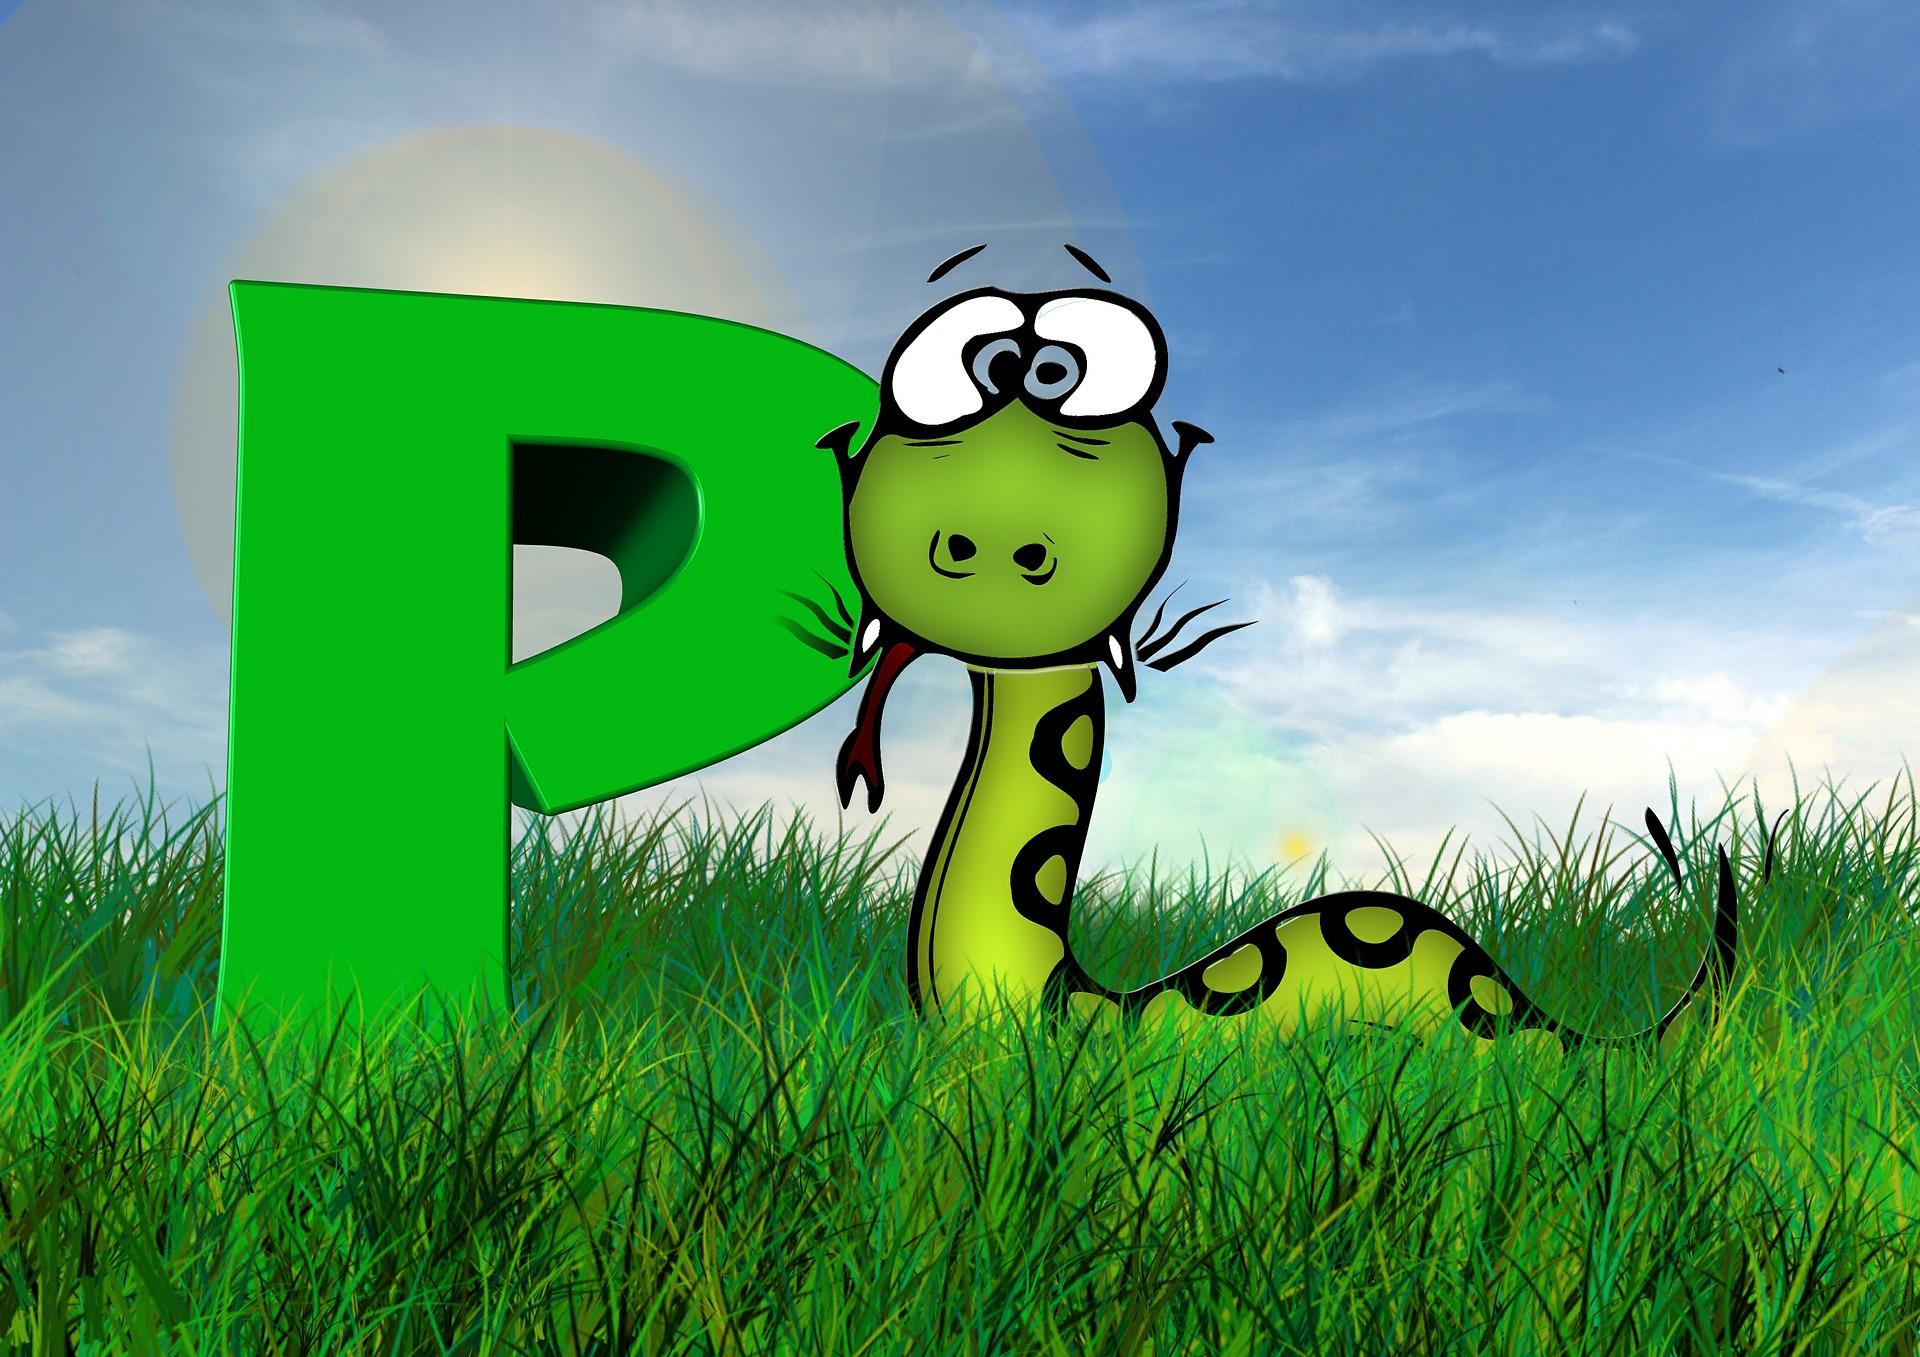 プログラミング言語Pythonのイメージ画像かわいい蛇のイラスト